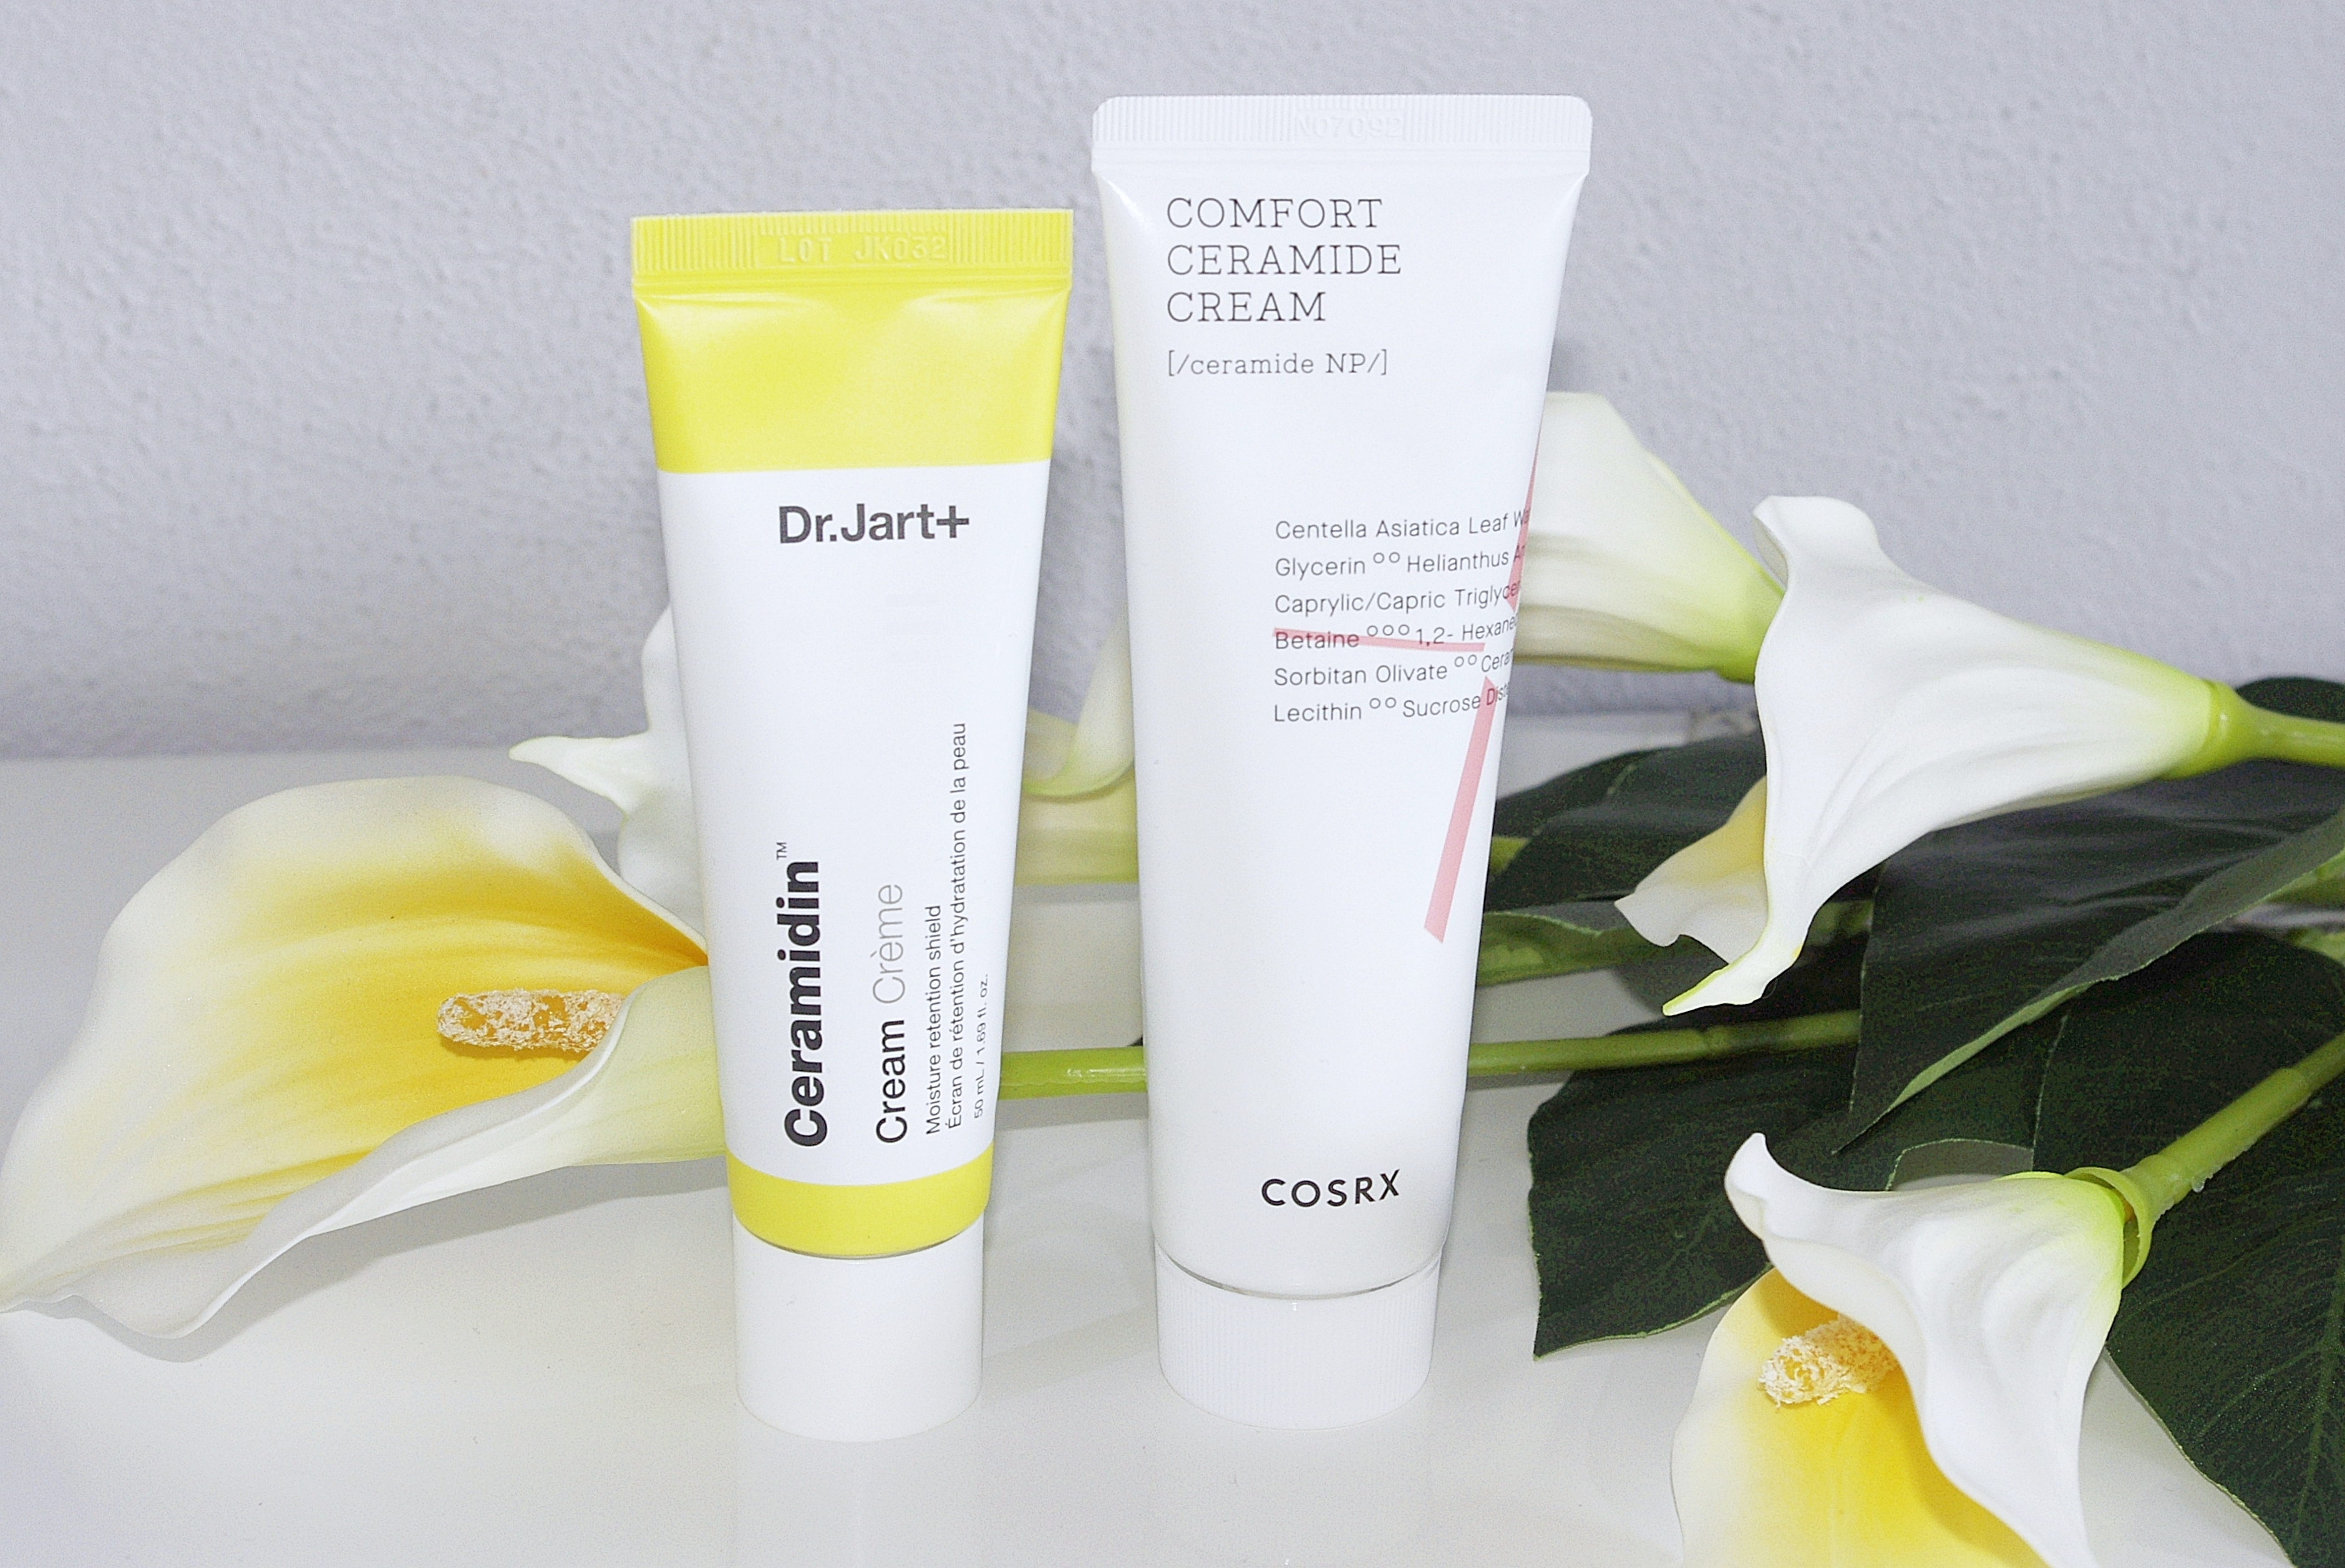 Dr.Jart+Ceramidin Cream Cosrx Balancium Comfort Ceramide Cream porównanie